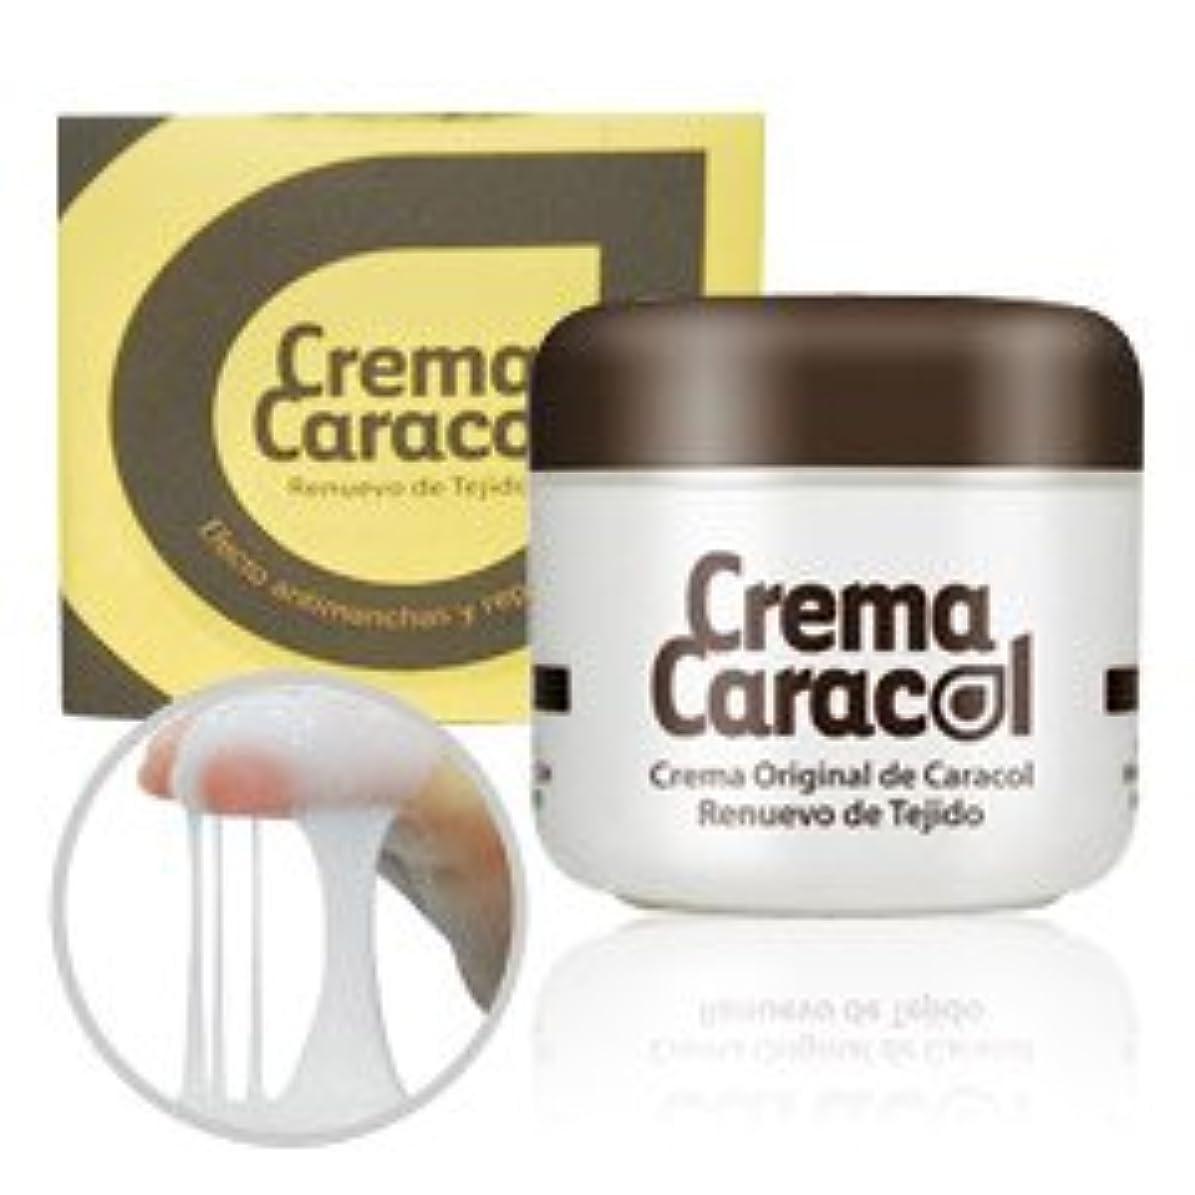 世紀気をつけて定期的にcrema caracol(カラコール) かたつむりクリーム 3個セット